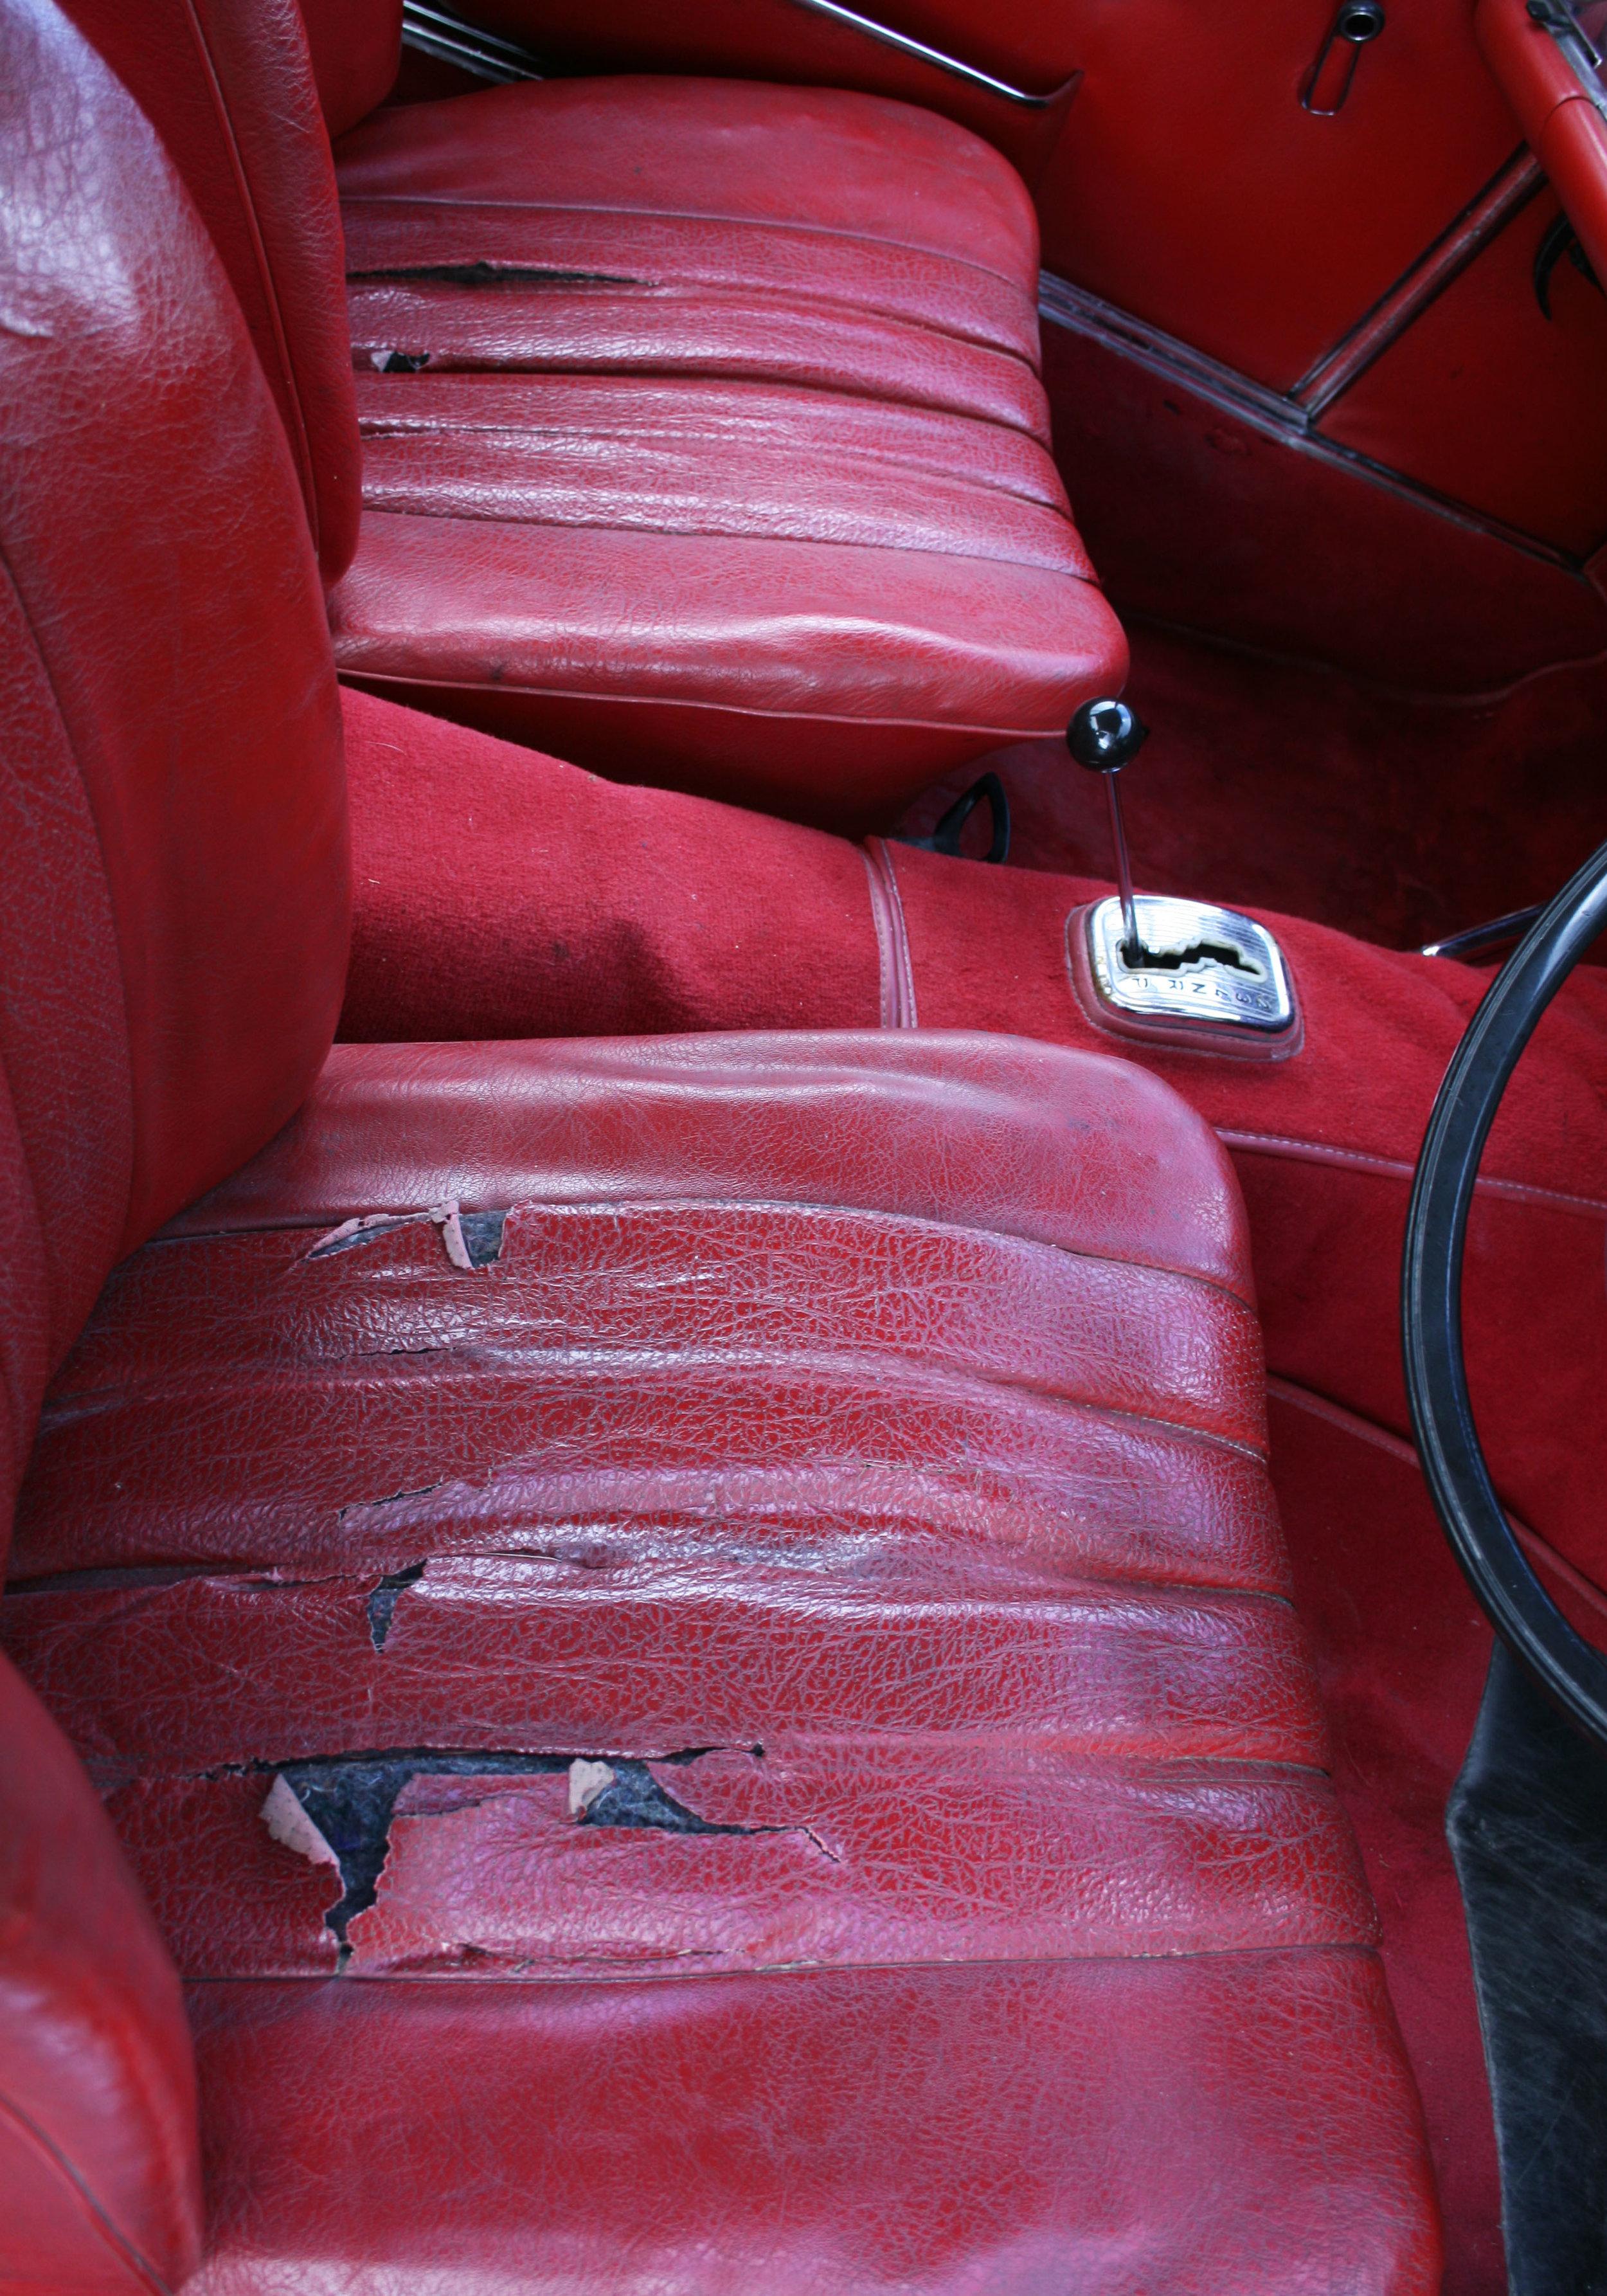 DETAIL SEATS.jpg